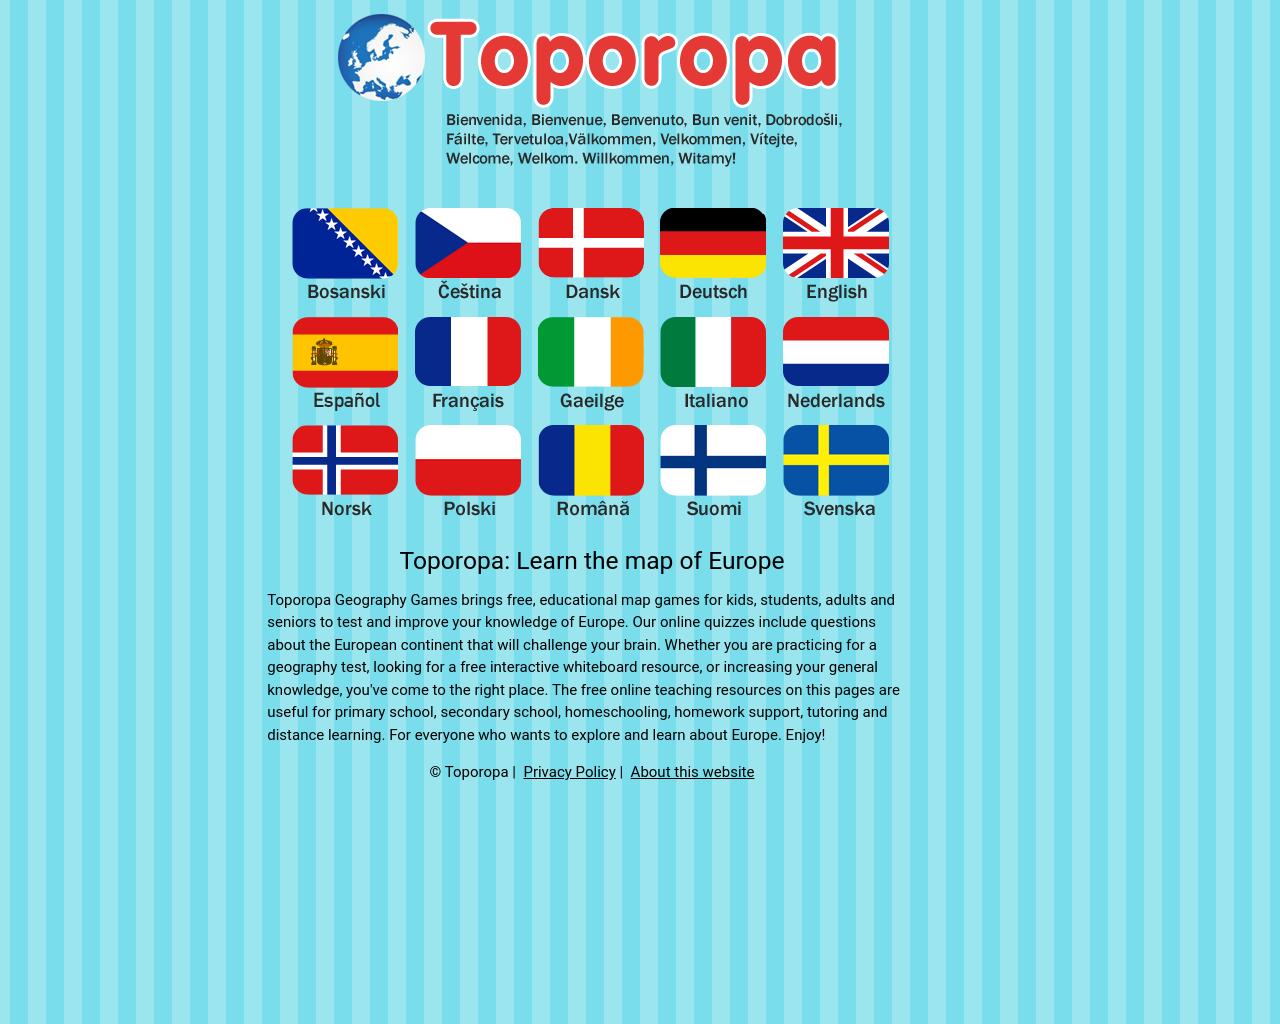 Toporopa